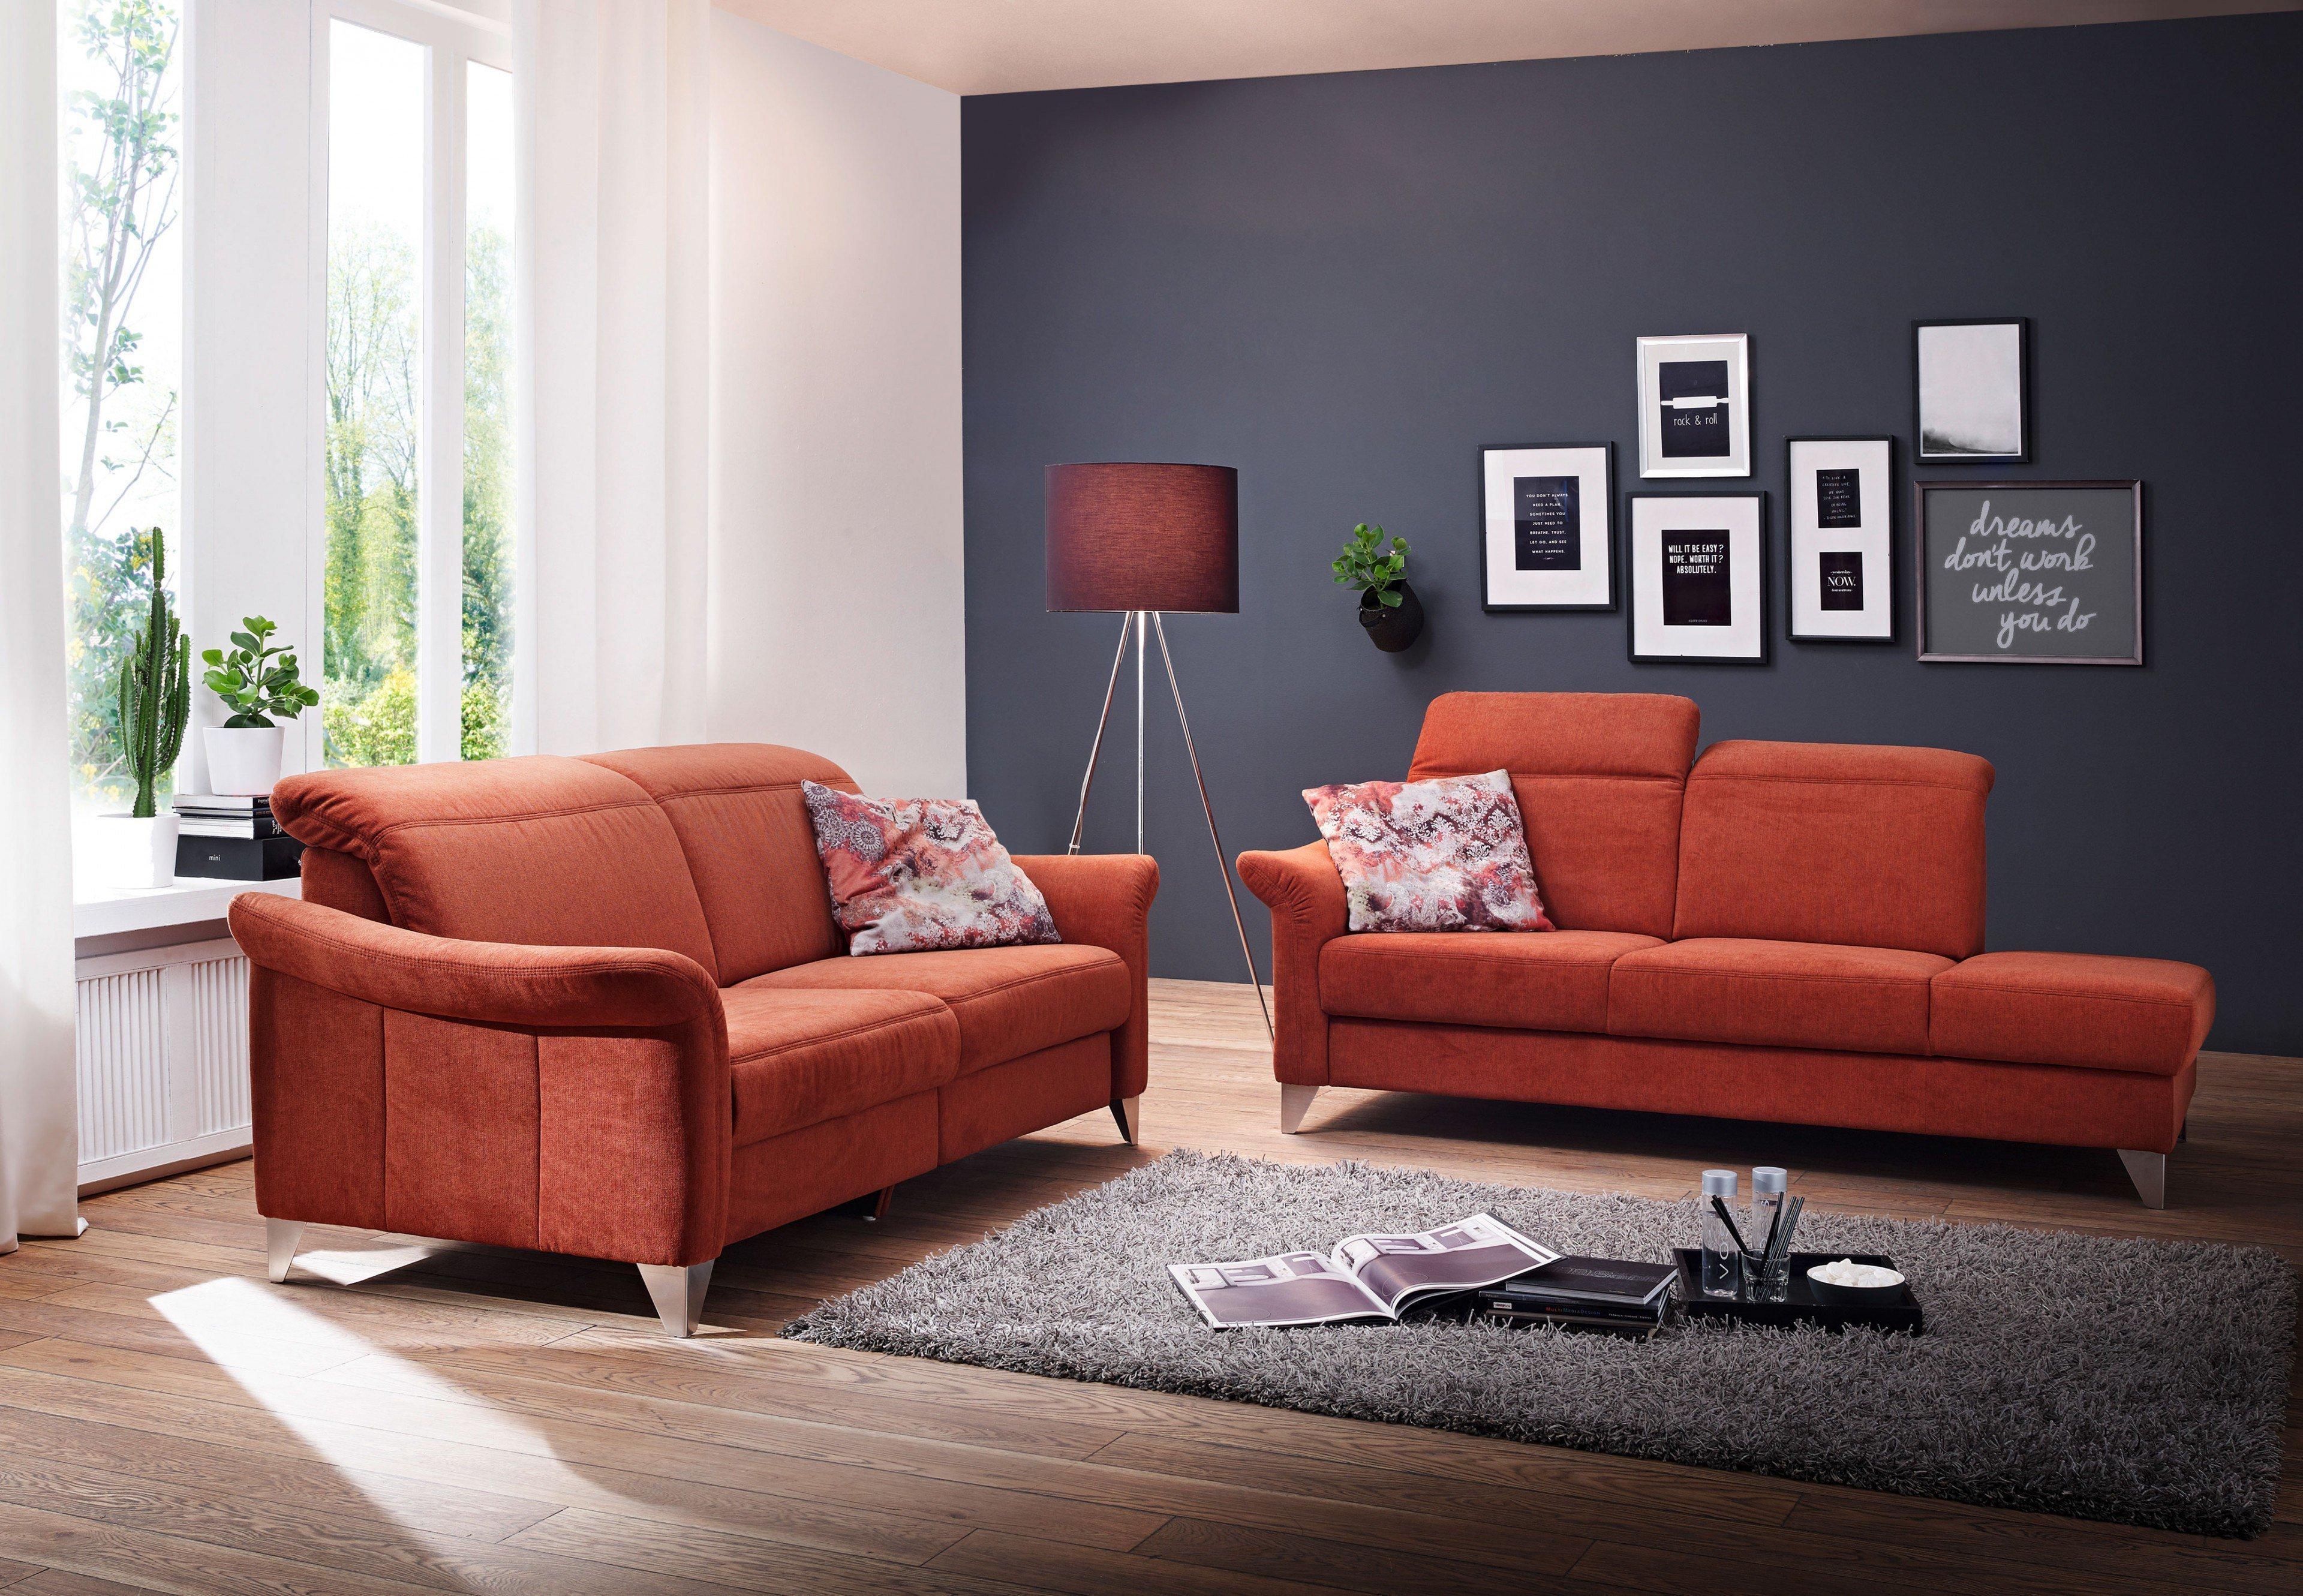 ponsel genua sofagarnitur rot m bel letz ihr online shop. Black Bedroom Furniture Sets. Home Design Ideas